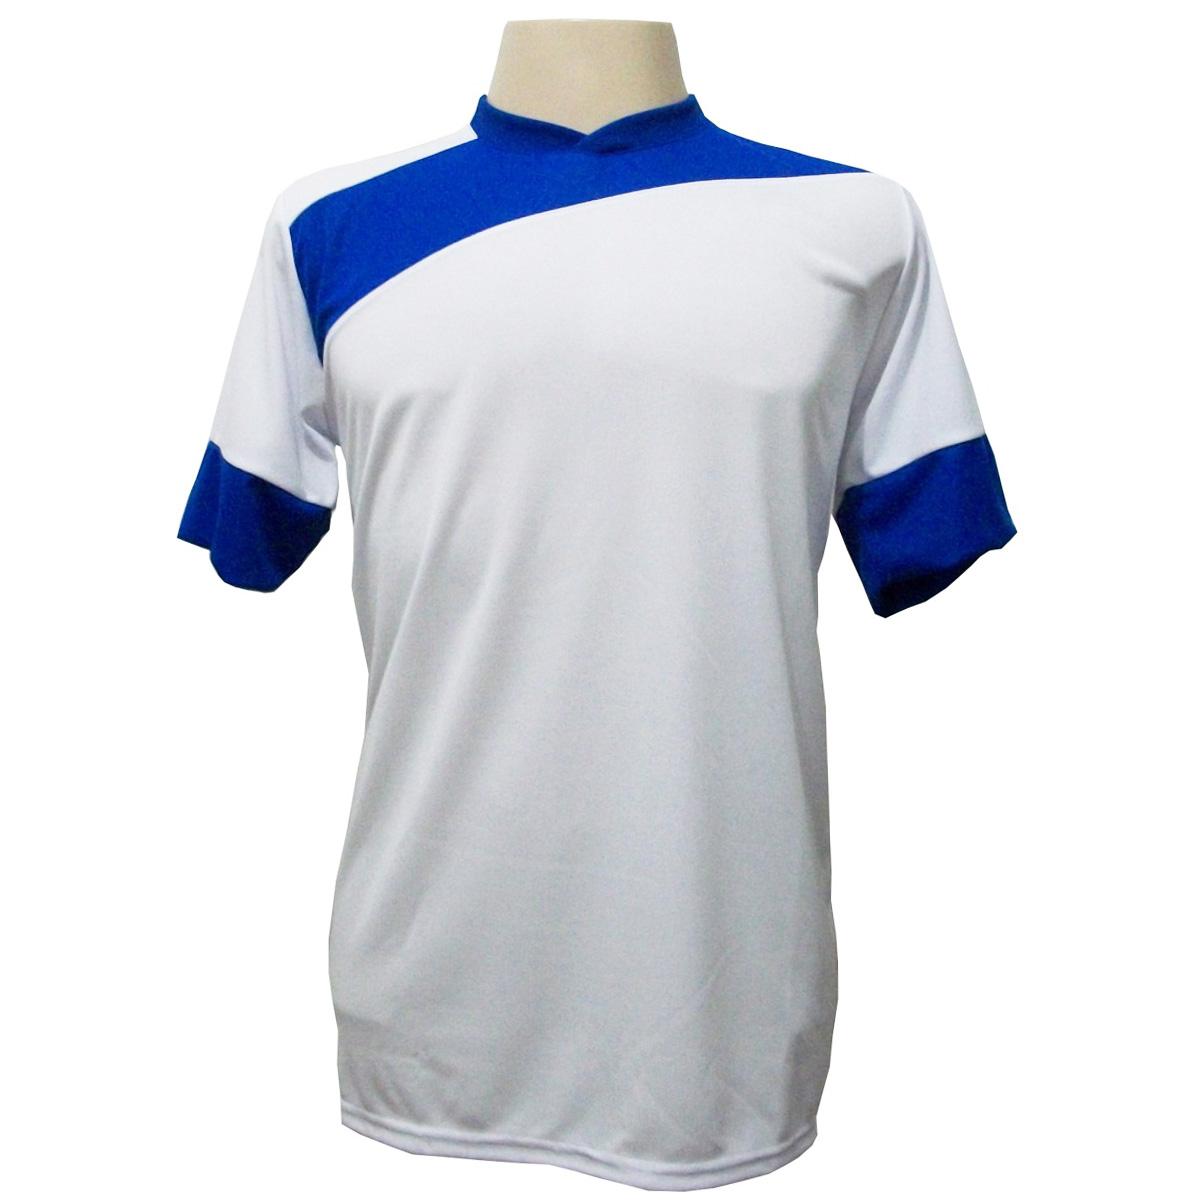 Uniforme Esportivo com 14 camisas modelo Sporting Branco/Royal + 14 calções modelo Copa Royal/Branco + Brindes